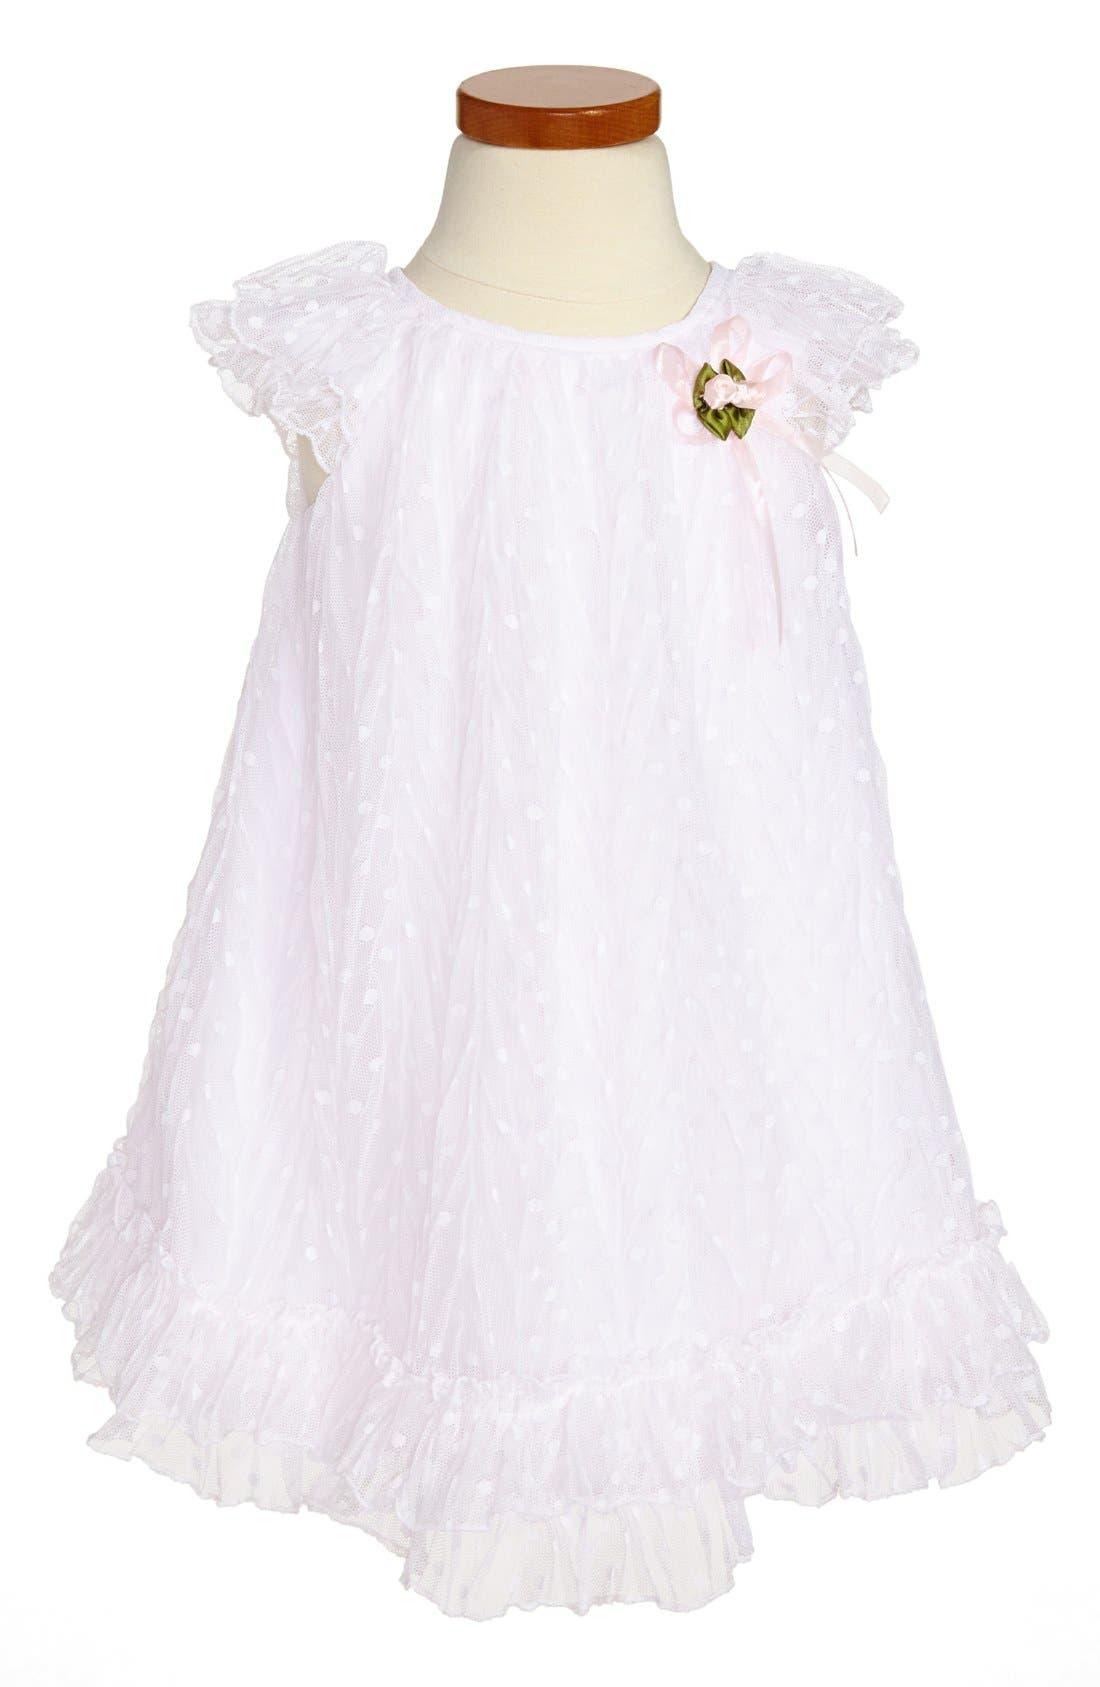 Alternate Image 1 Selected - Pippa & Julie Point d'Esprit Dress (Toddler Girls)